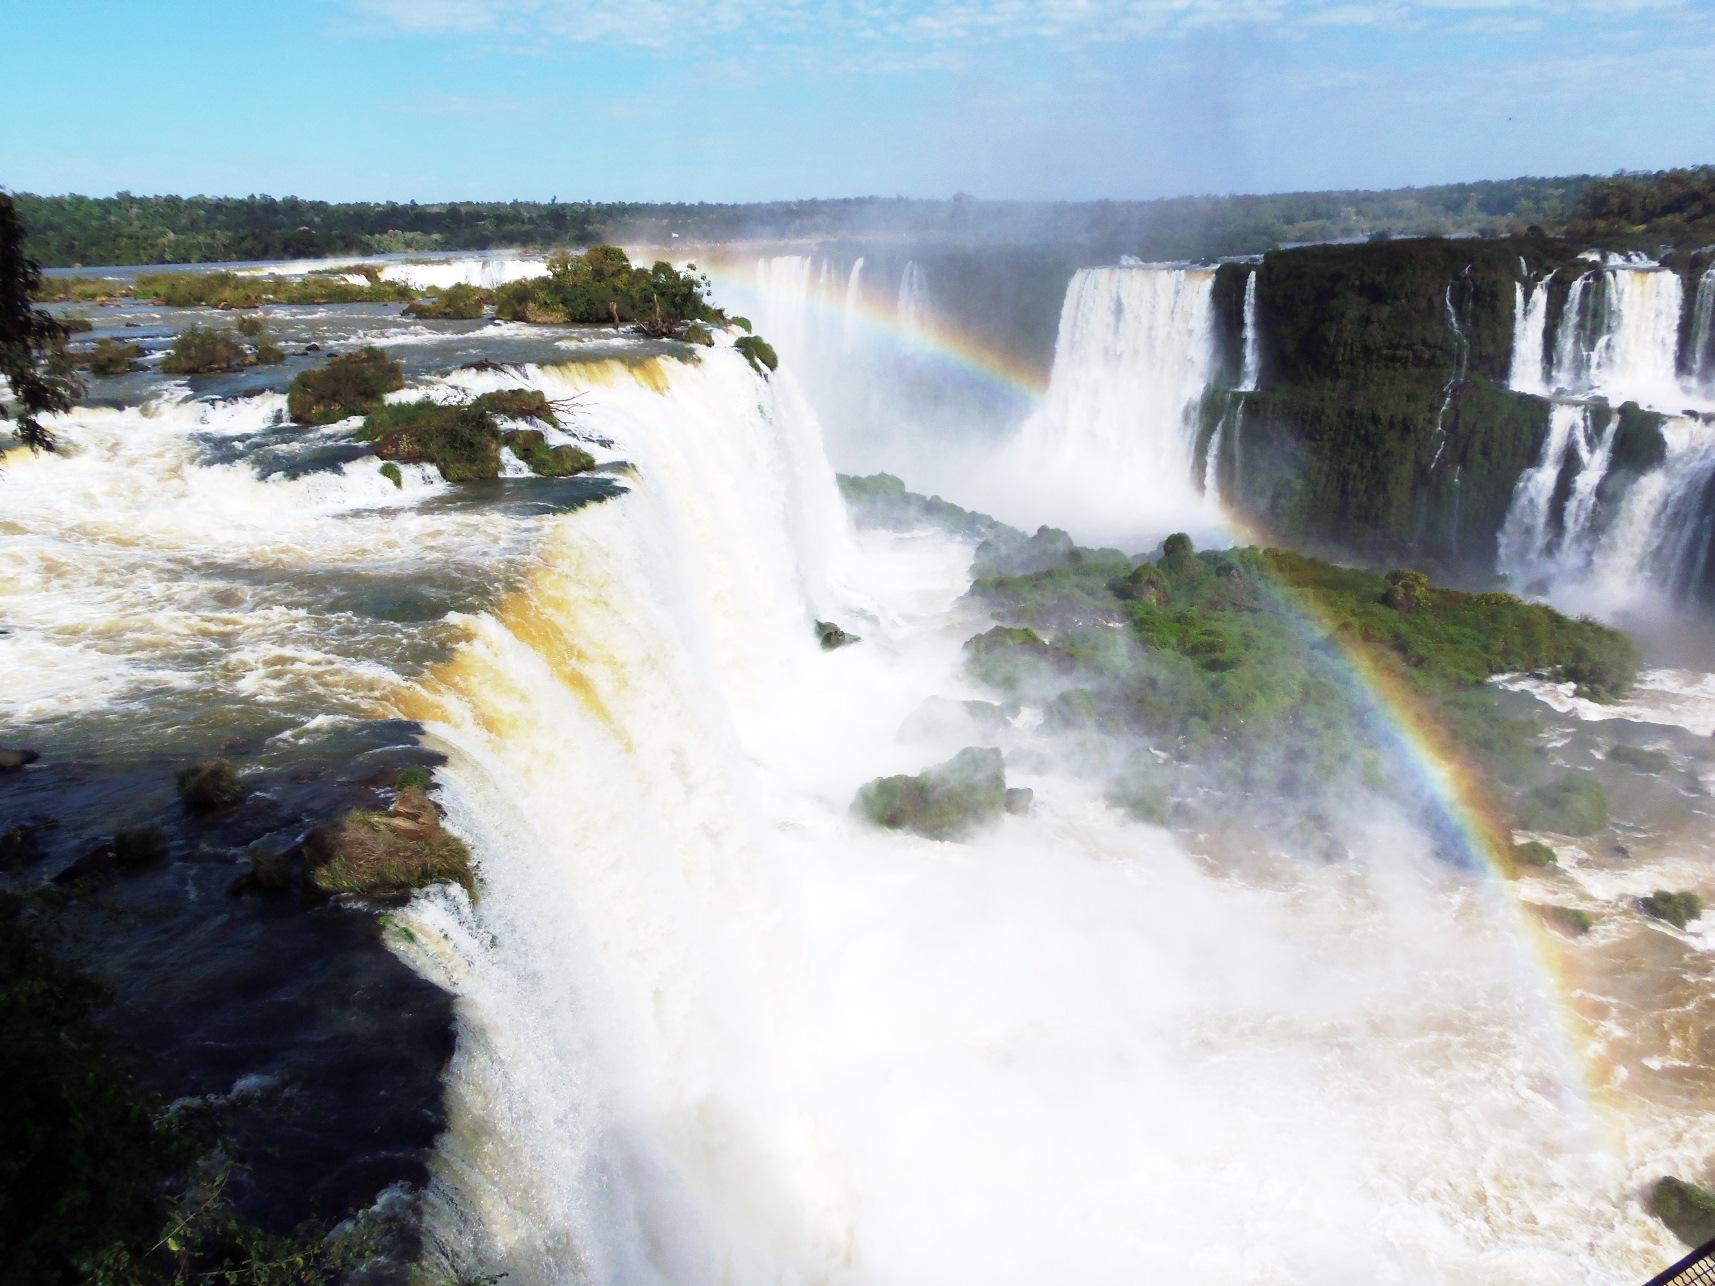 滝の大パノラマが広がるブラジル側の展望台(3日目)